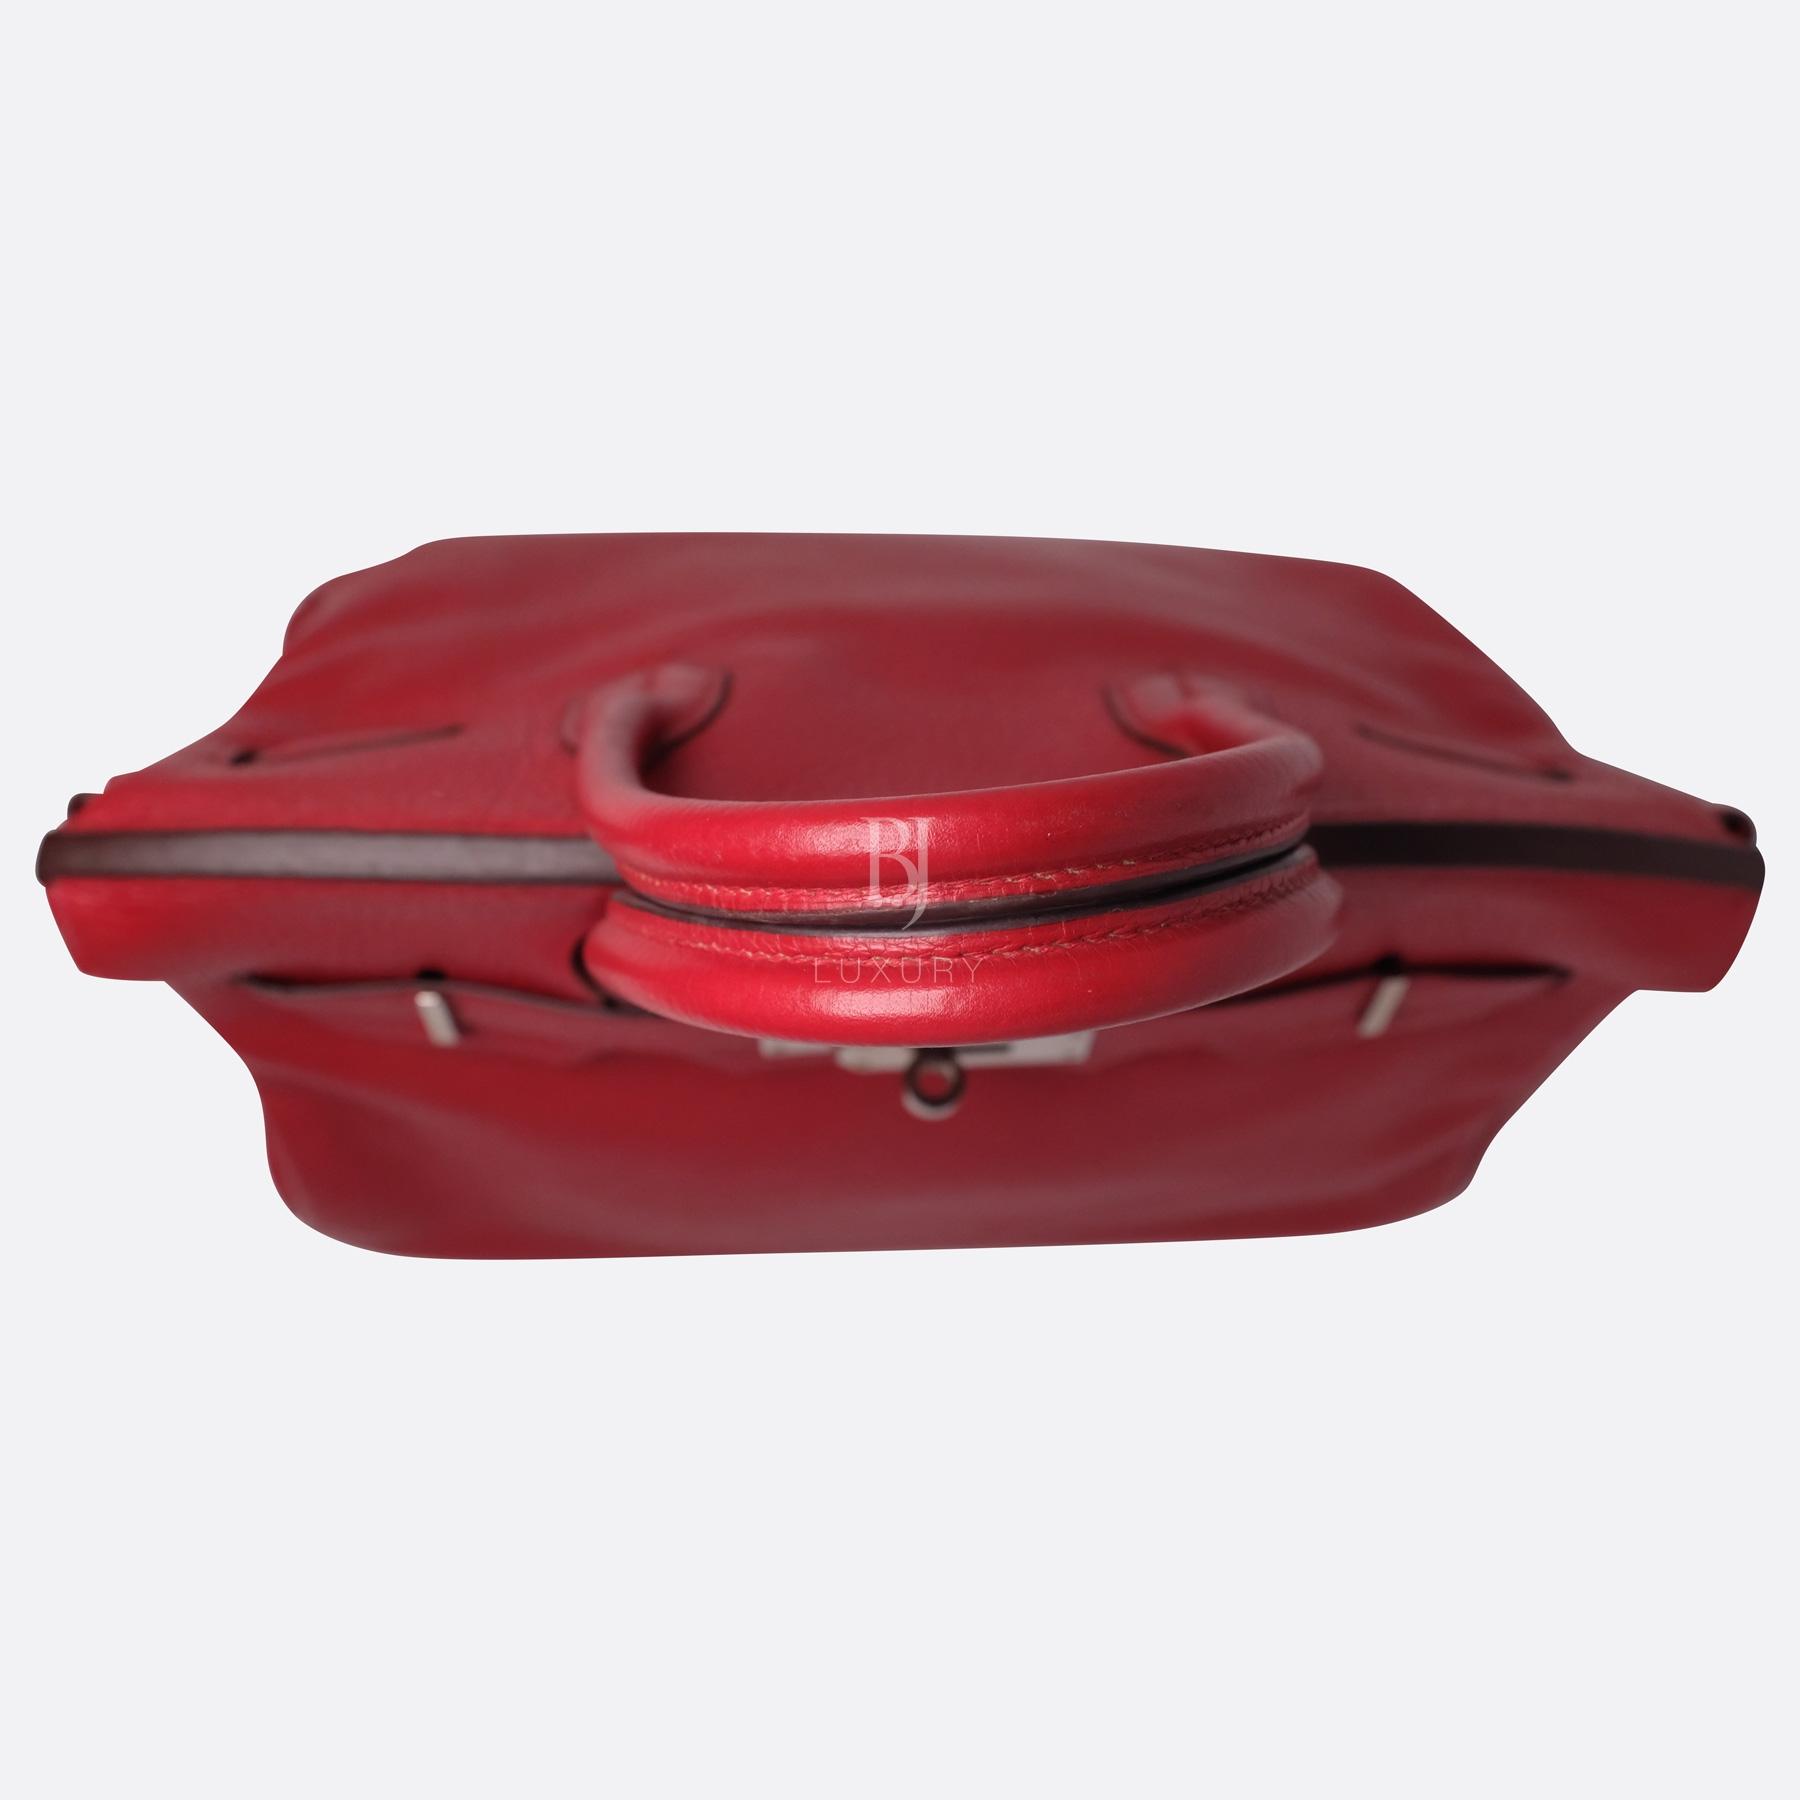 Hermes Birkin 30 Rouge Casaque Clemence Palladium BJ Luxury 20.jpg